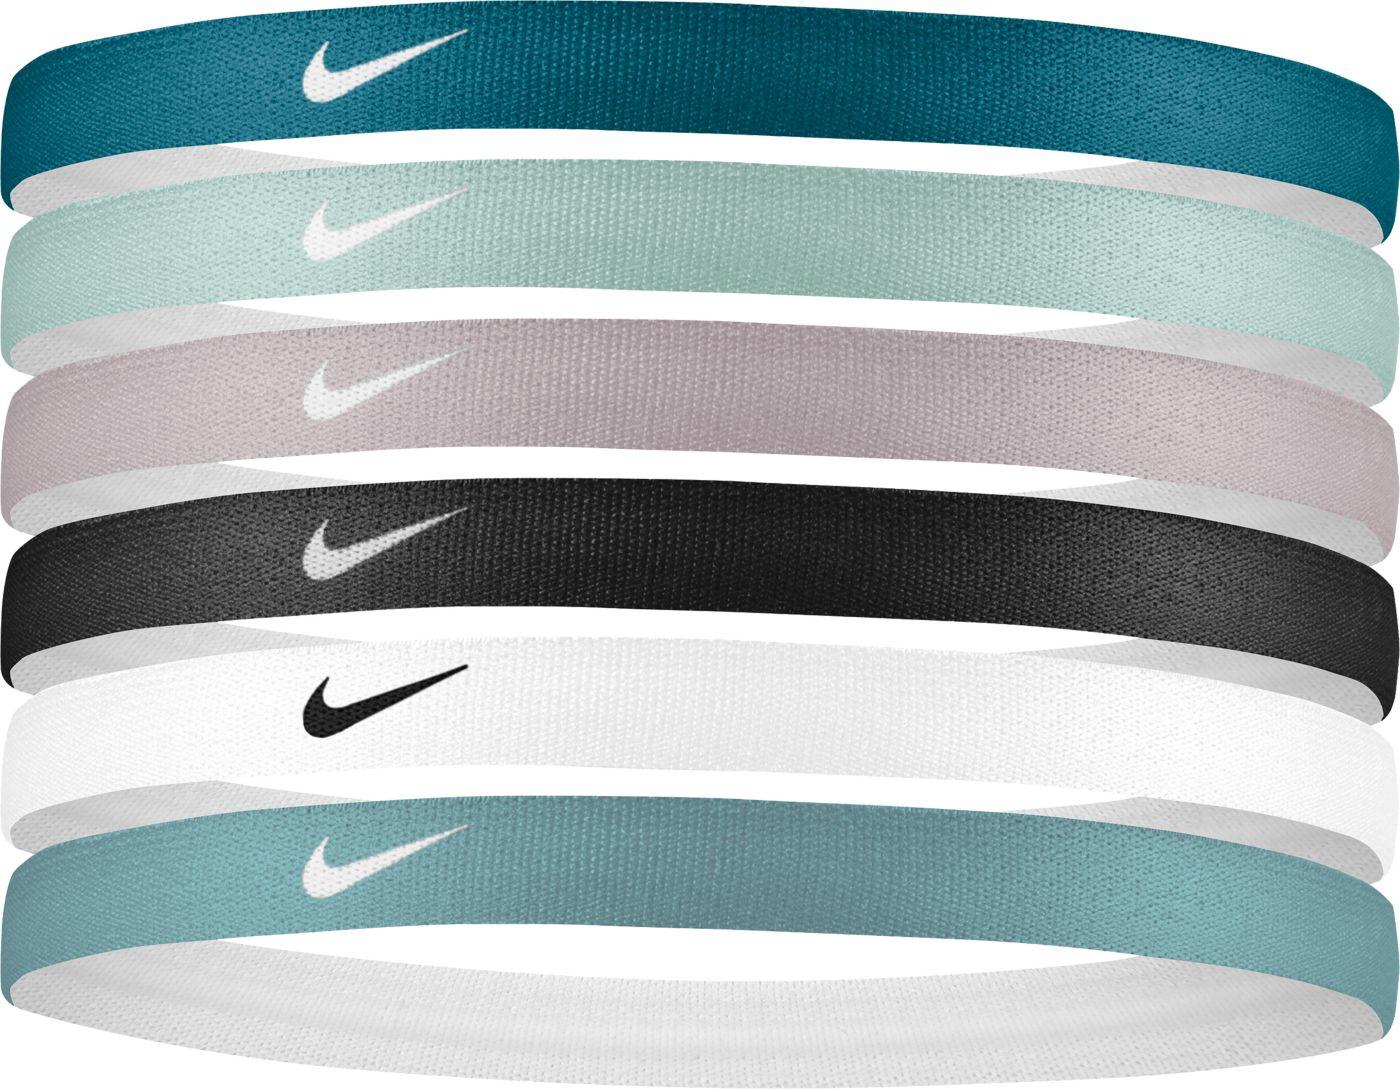 Nike Women's Swoosh Sport 2.0 Headbands – 6 Pack